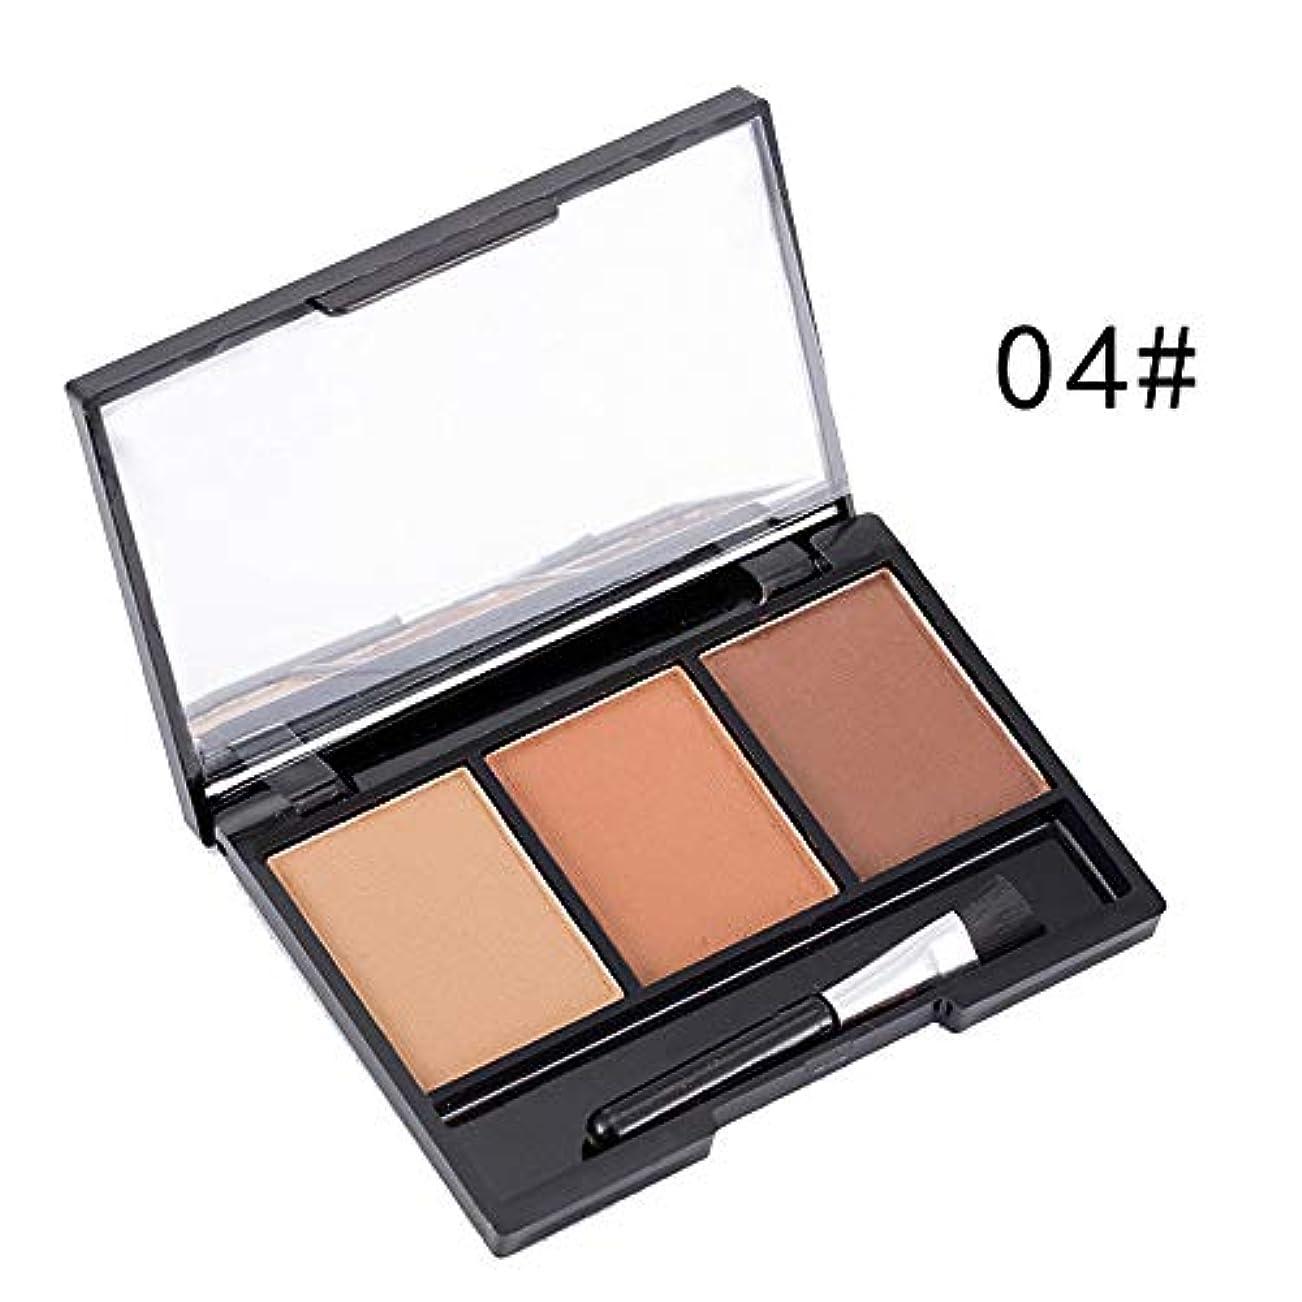 スーダン発信機知に富んだAkane パウダーアイブロウパレット SR MAKE UP 綺麗 人気 ファッション 魅力的 眉 自然 パウダーアイブロウ ぼかしない チャーム 防水 長持ち おしゃれ 持ち便利 Eye Shadow (3色) ES021